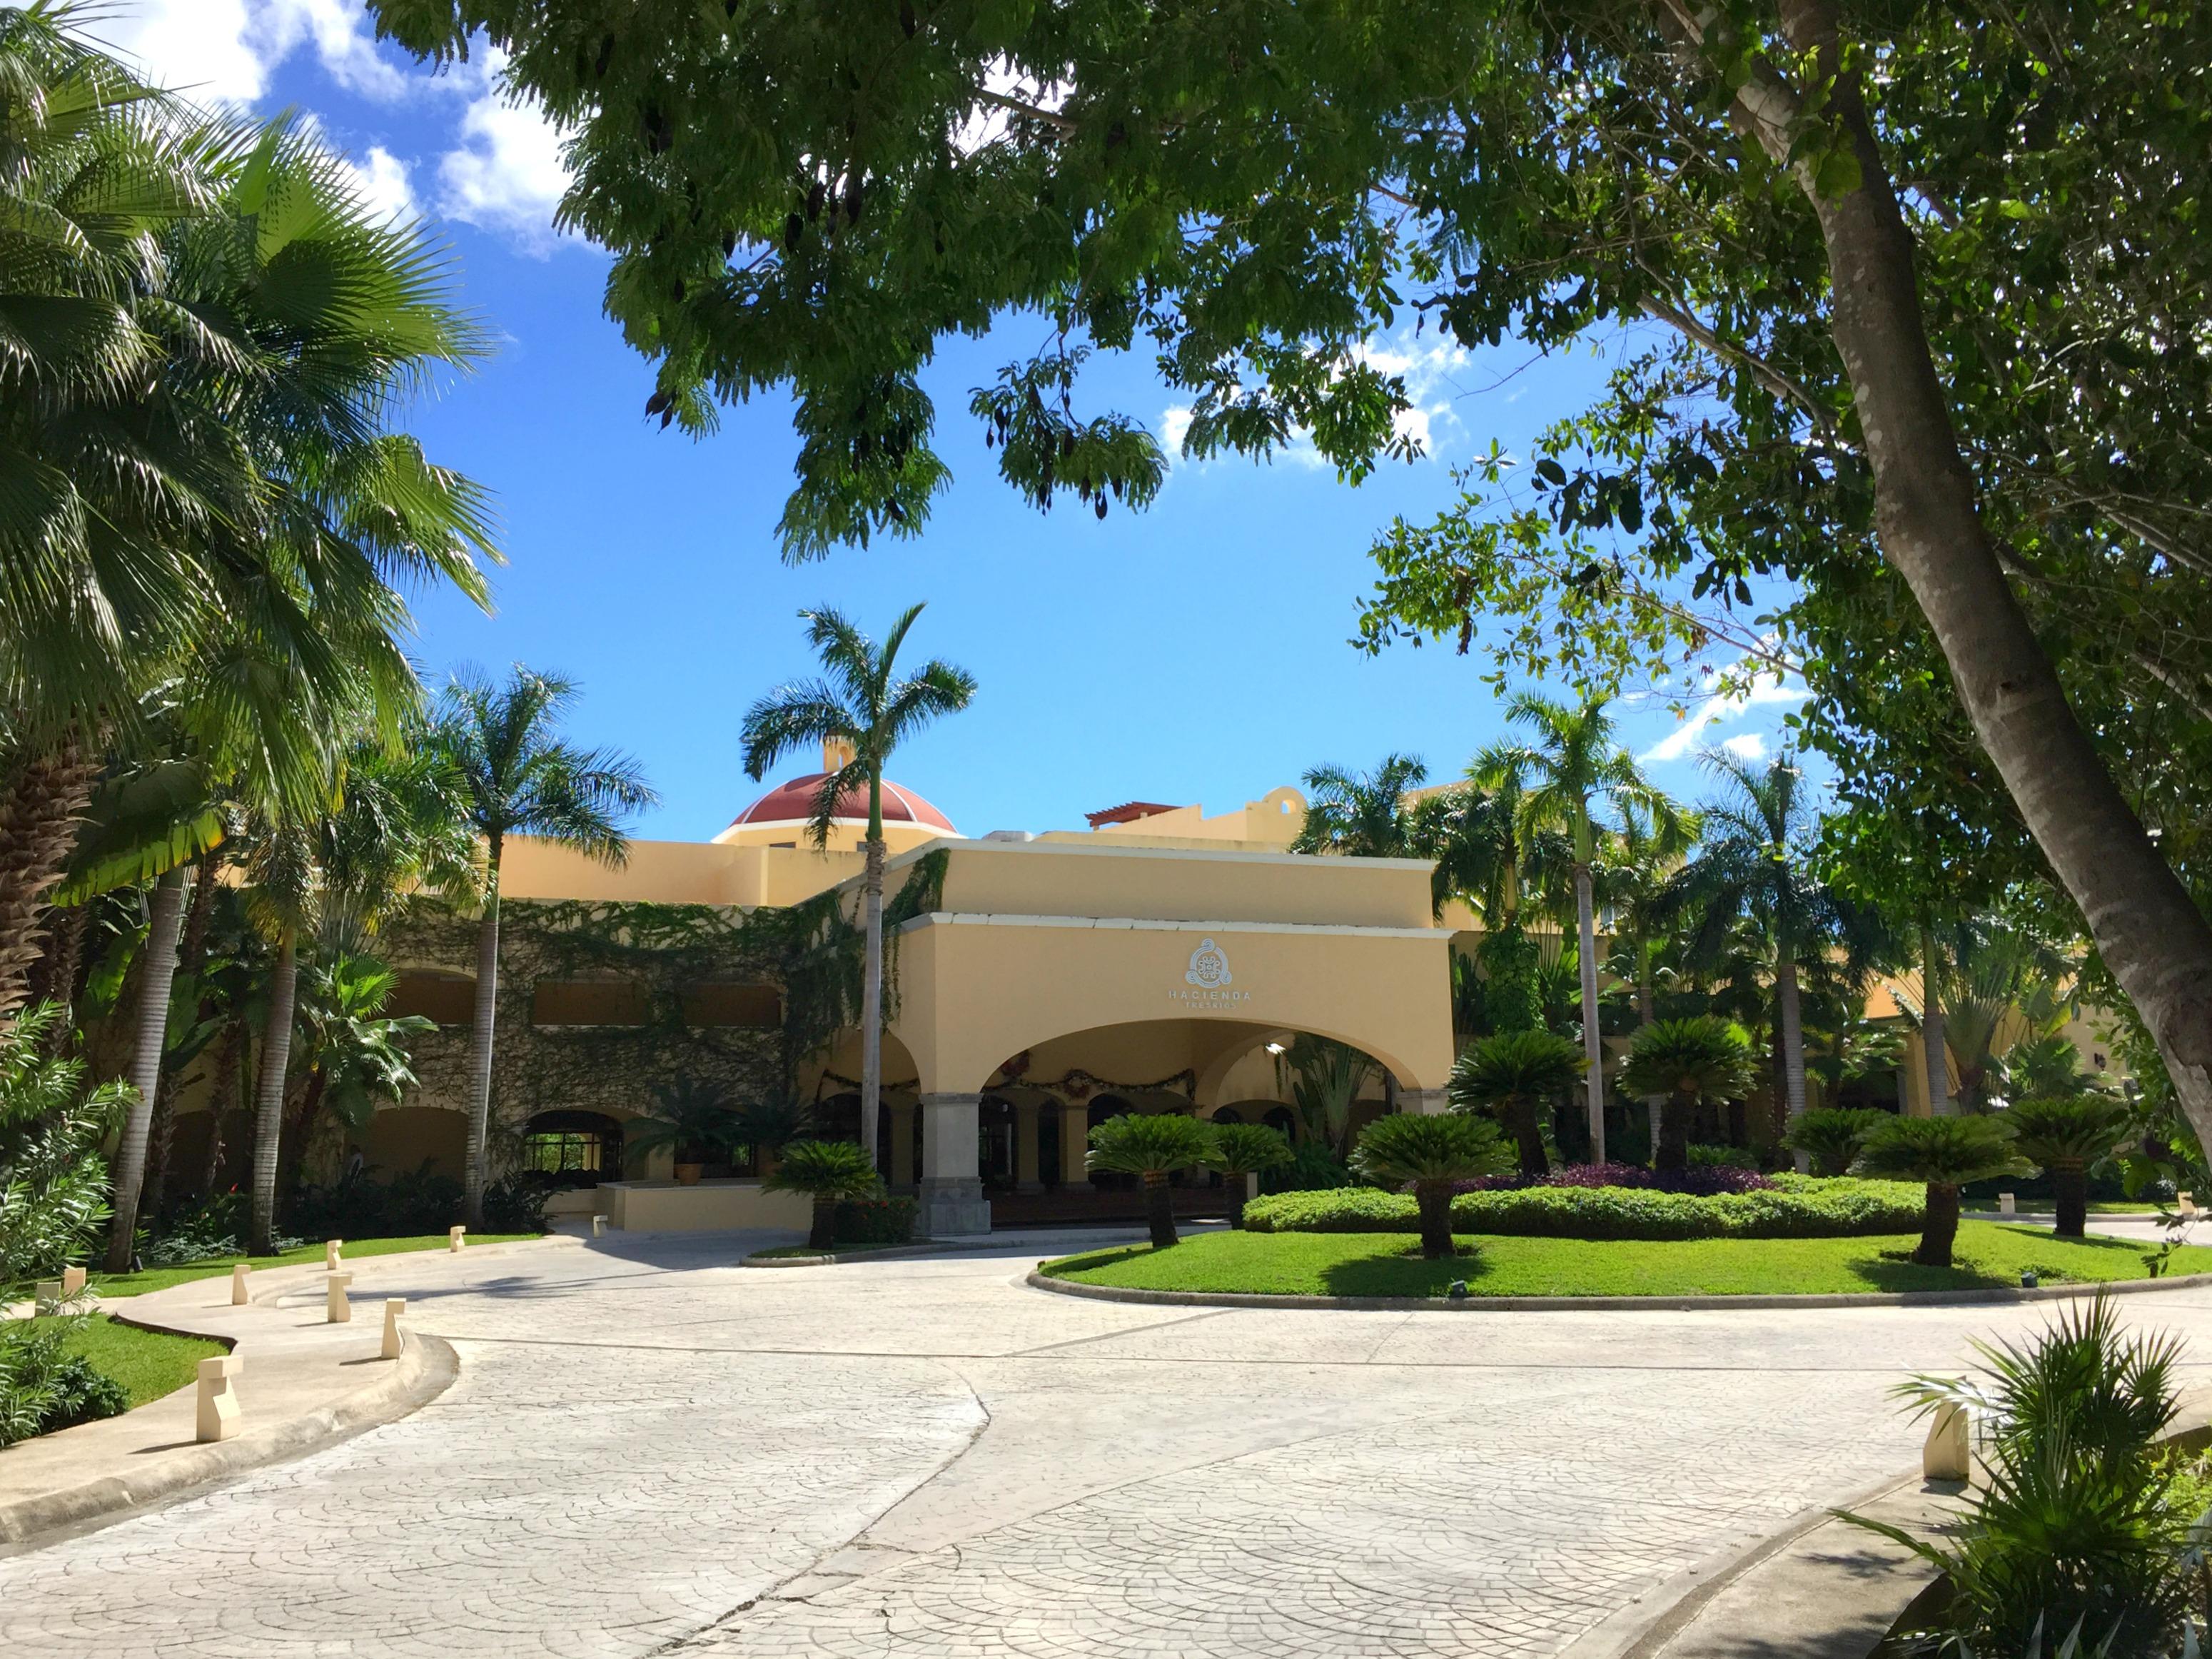 Hacienda Tres Rios Entrance